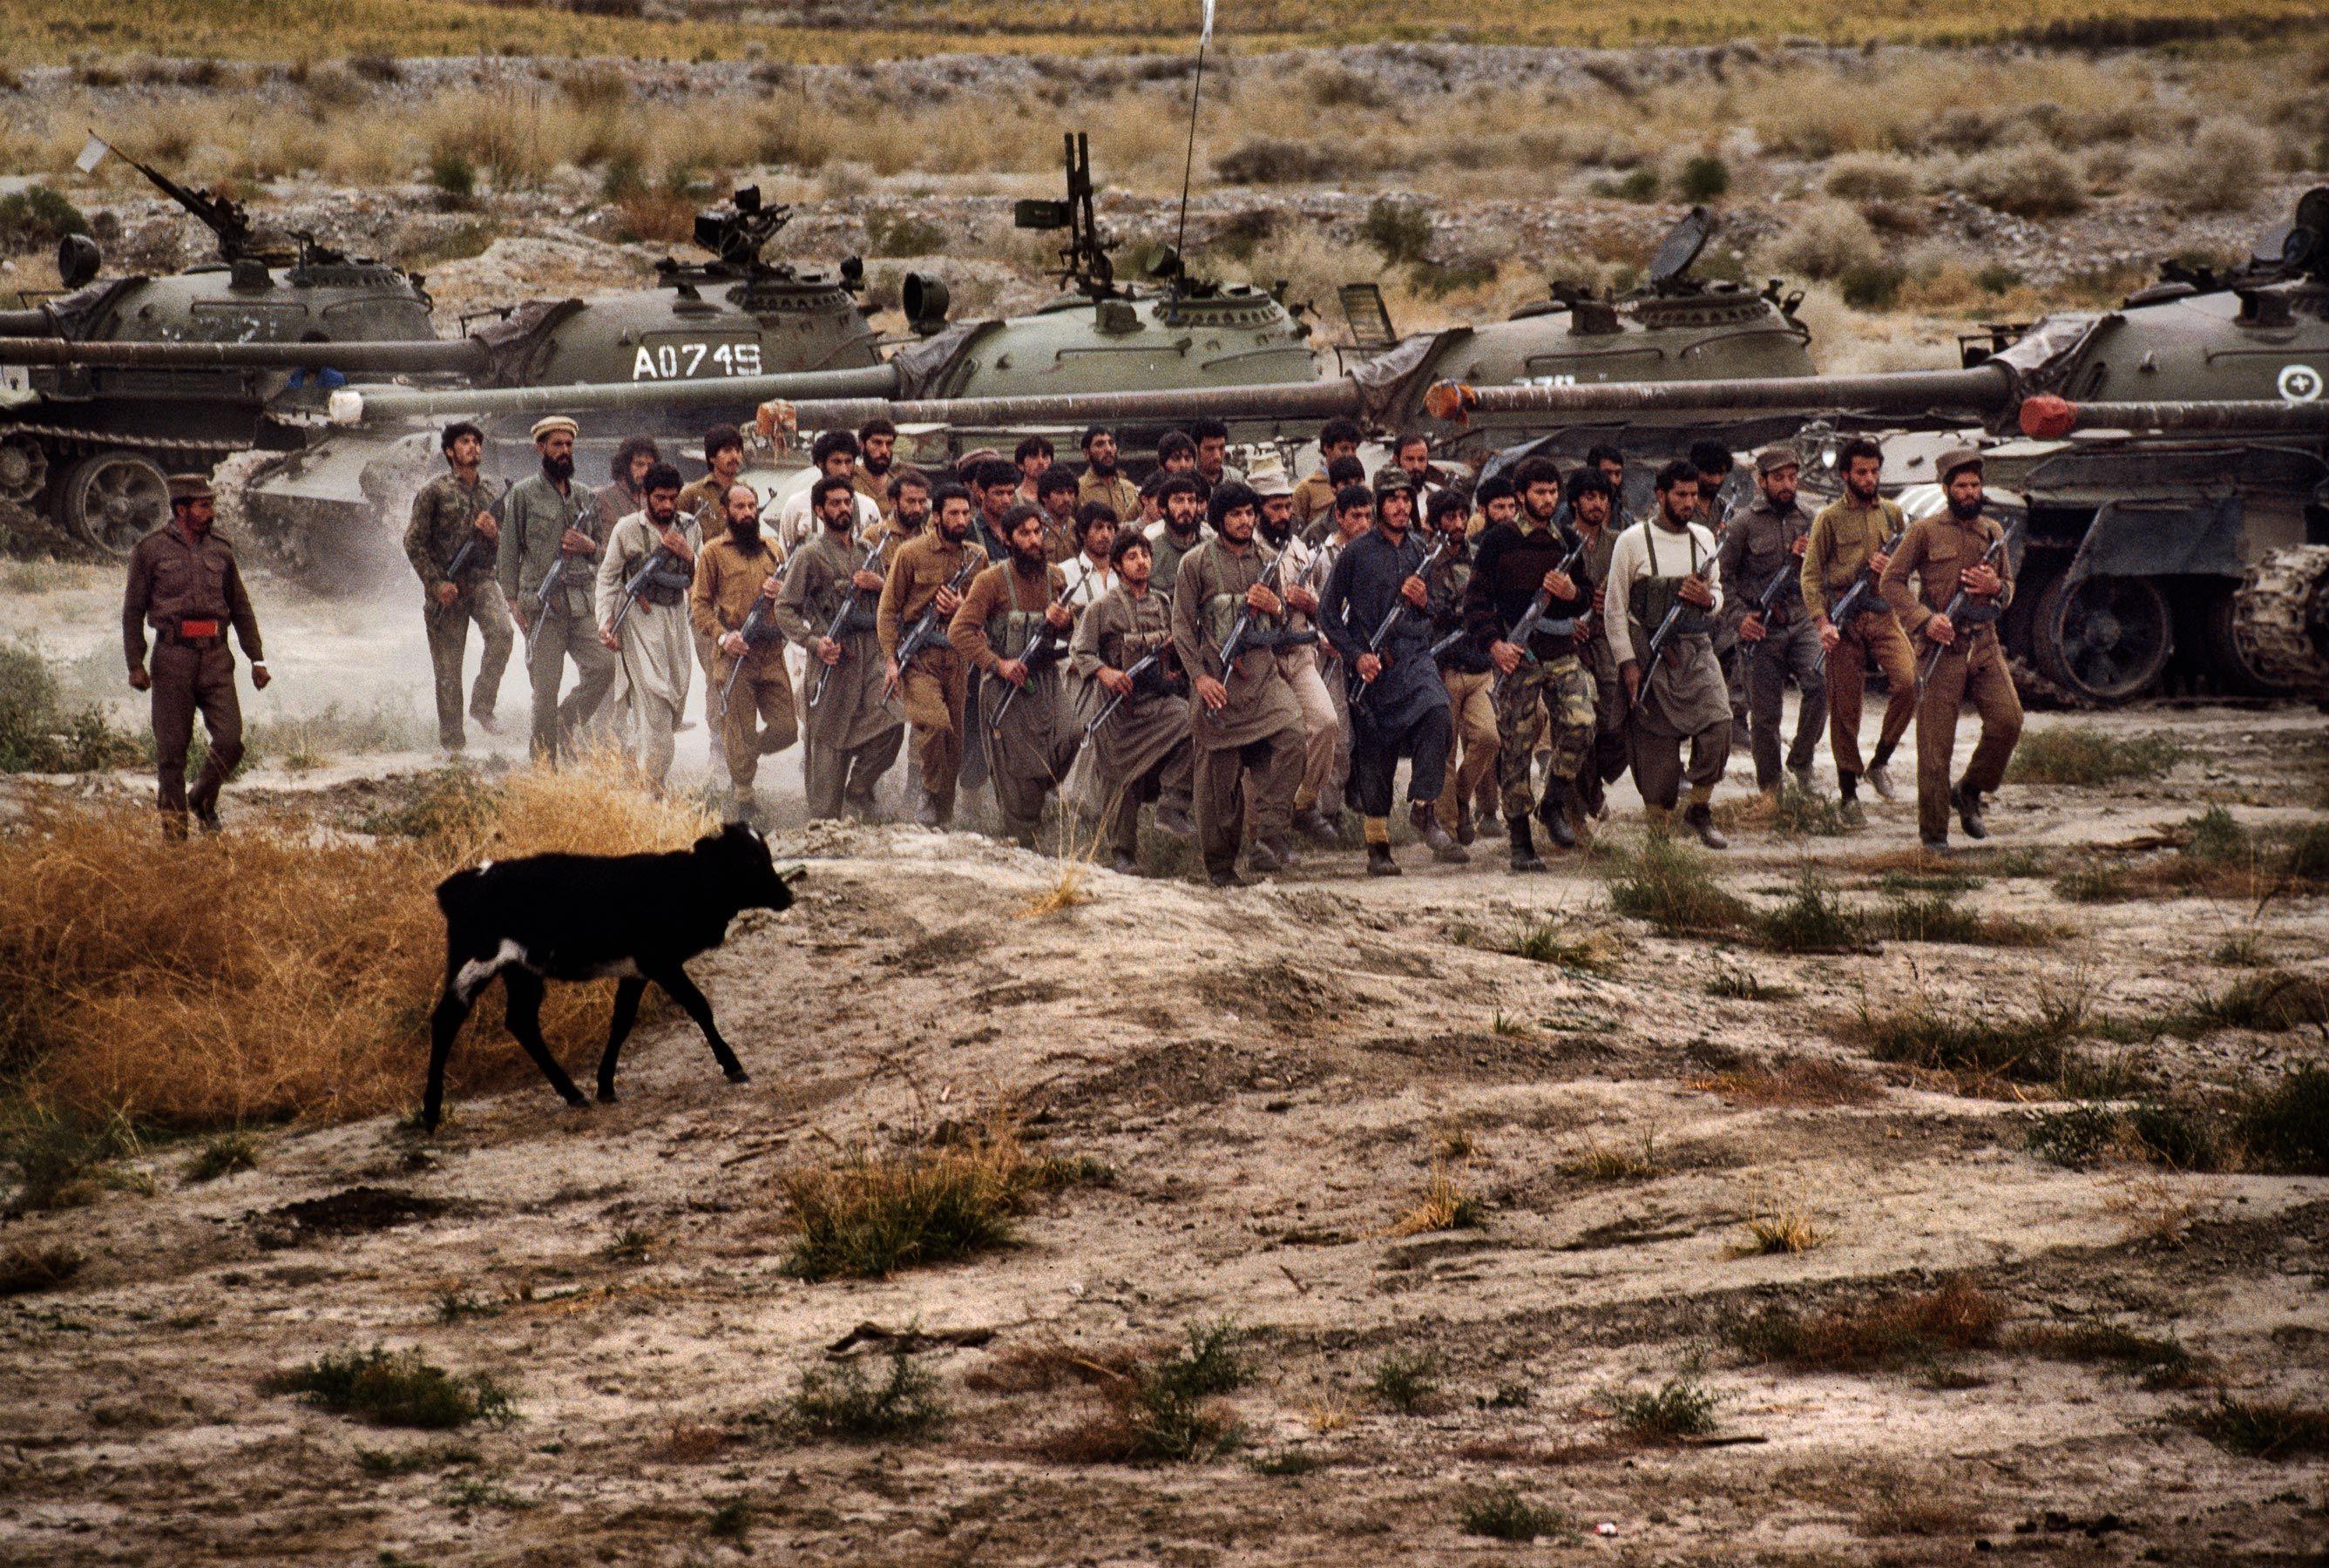 Afghanistan Steve Mccurry Steve Mccurry Photos Steve Mccurry People Of The World